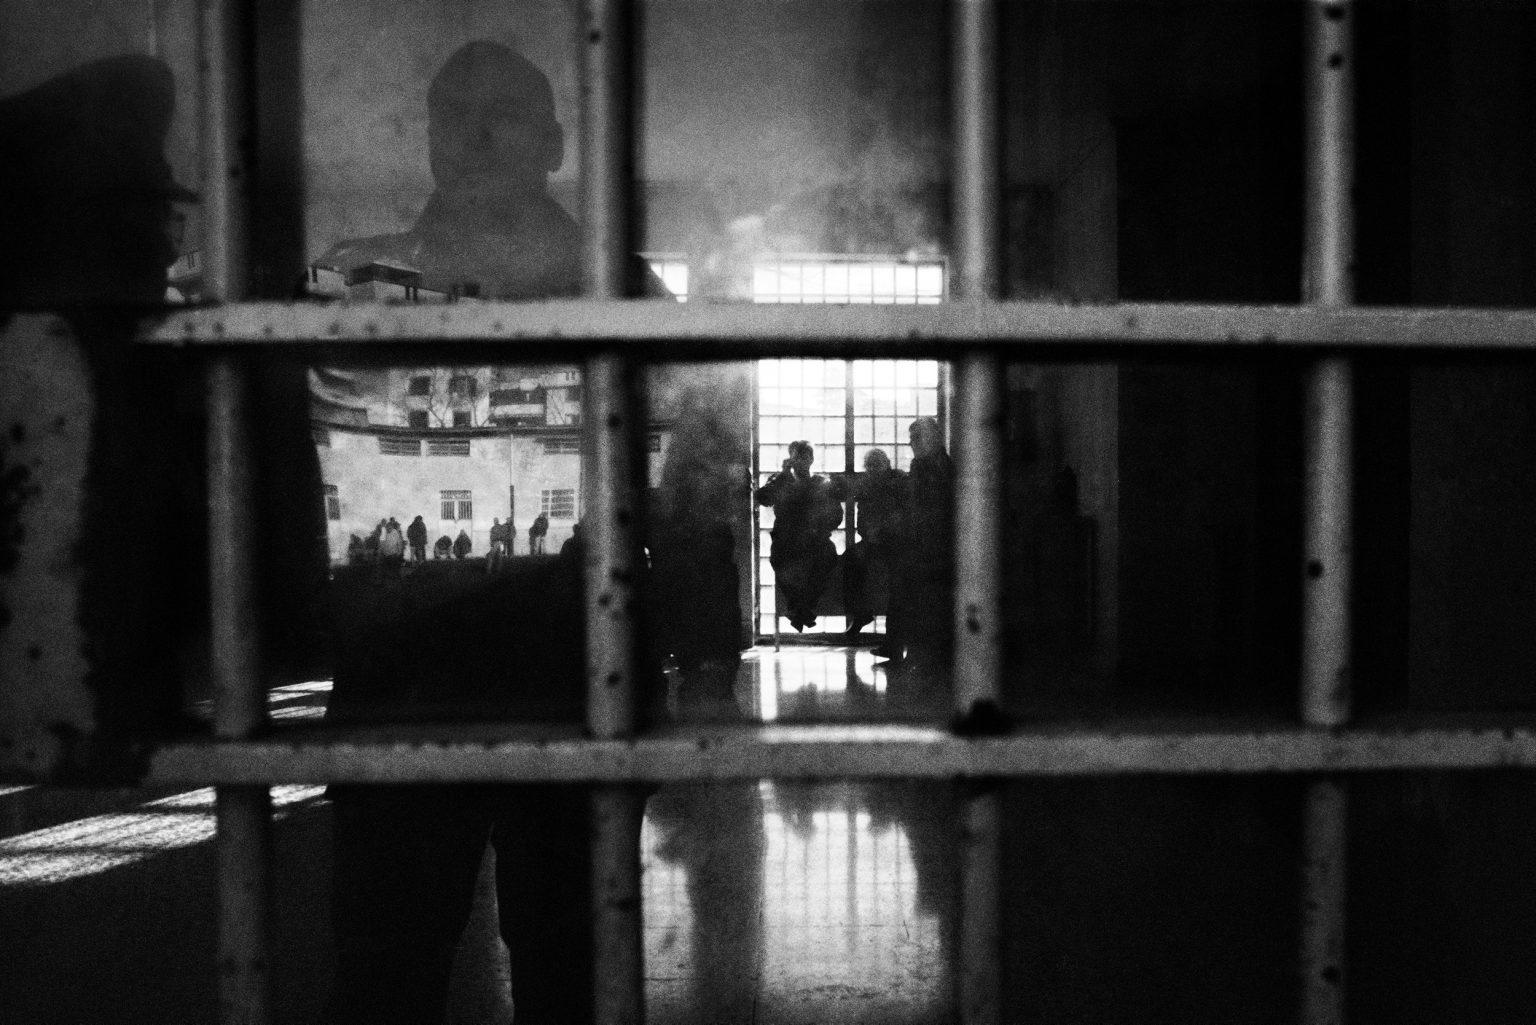 Isolated inmate. Judicial Psychiatric Hospital. Aversa, Caserta, Italy, 2006